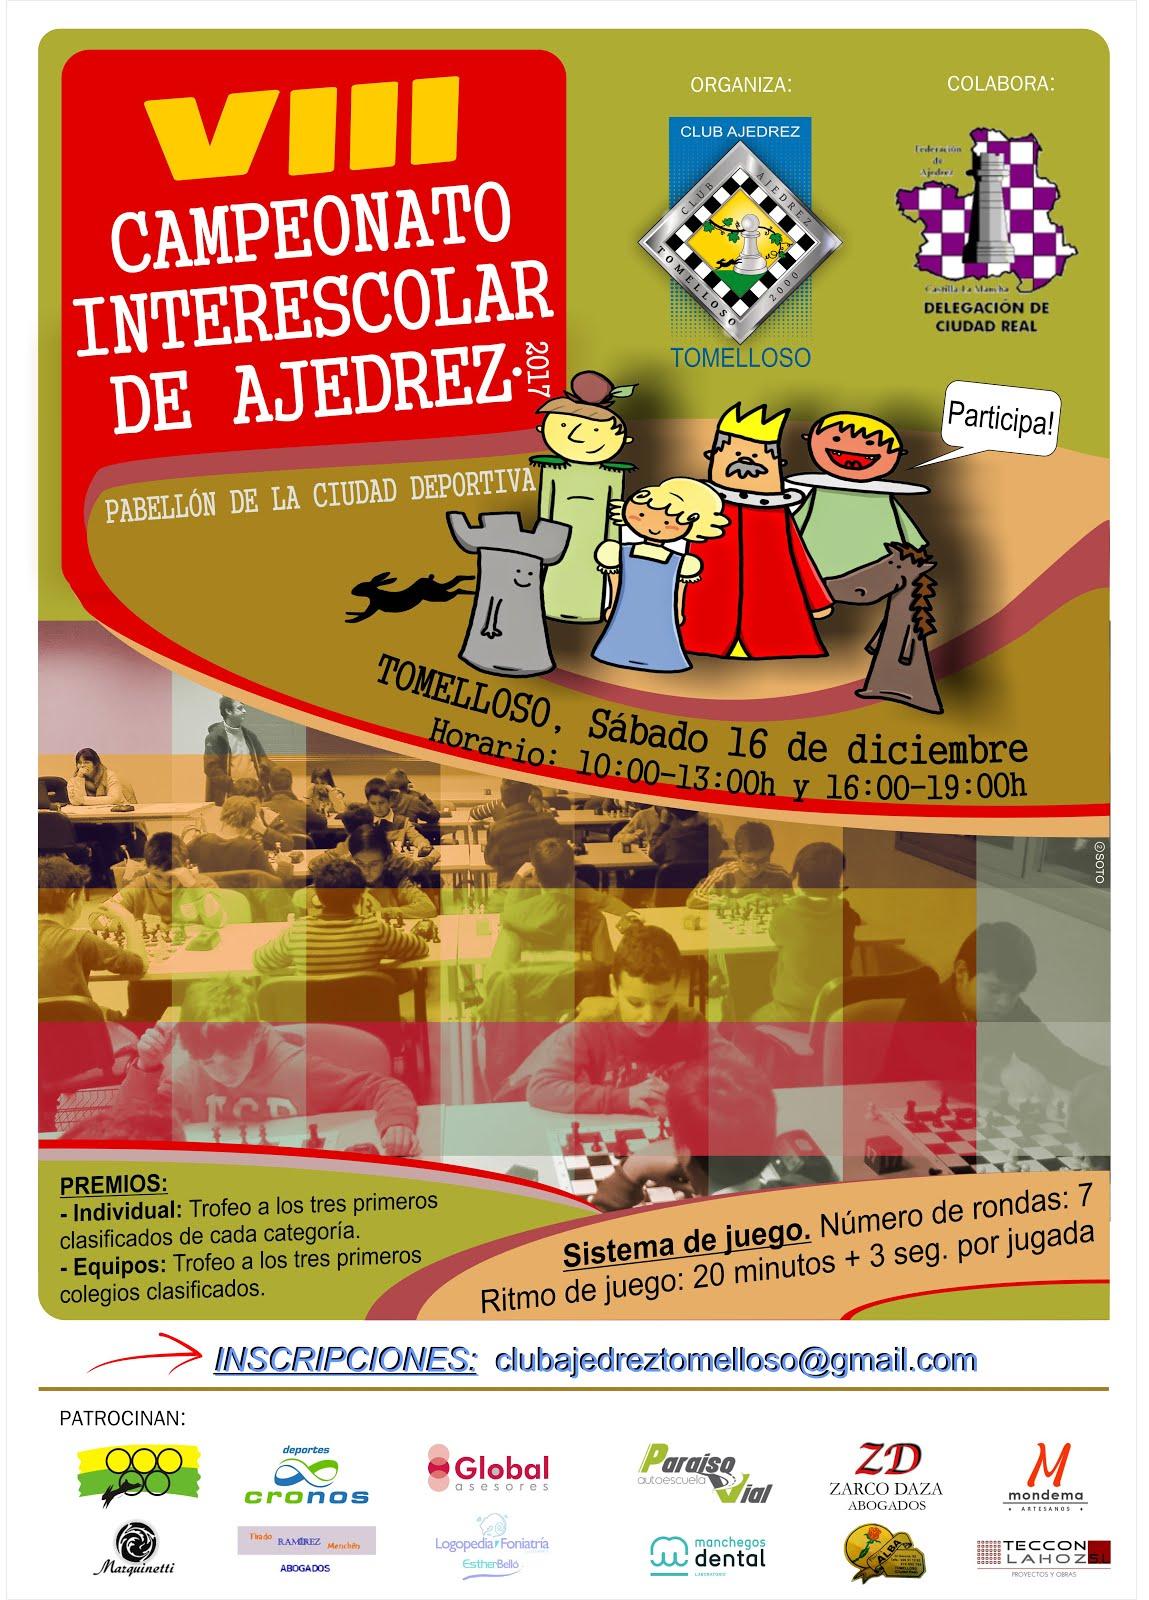 VIII TORNEO INTERESCOLAR DE AJEDREZ